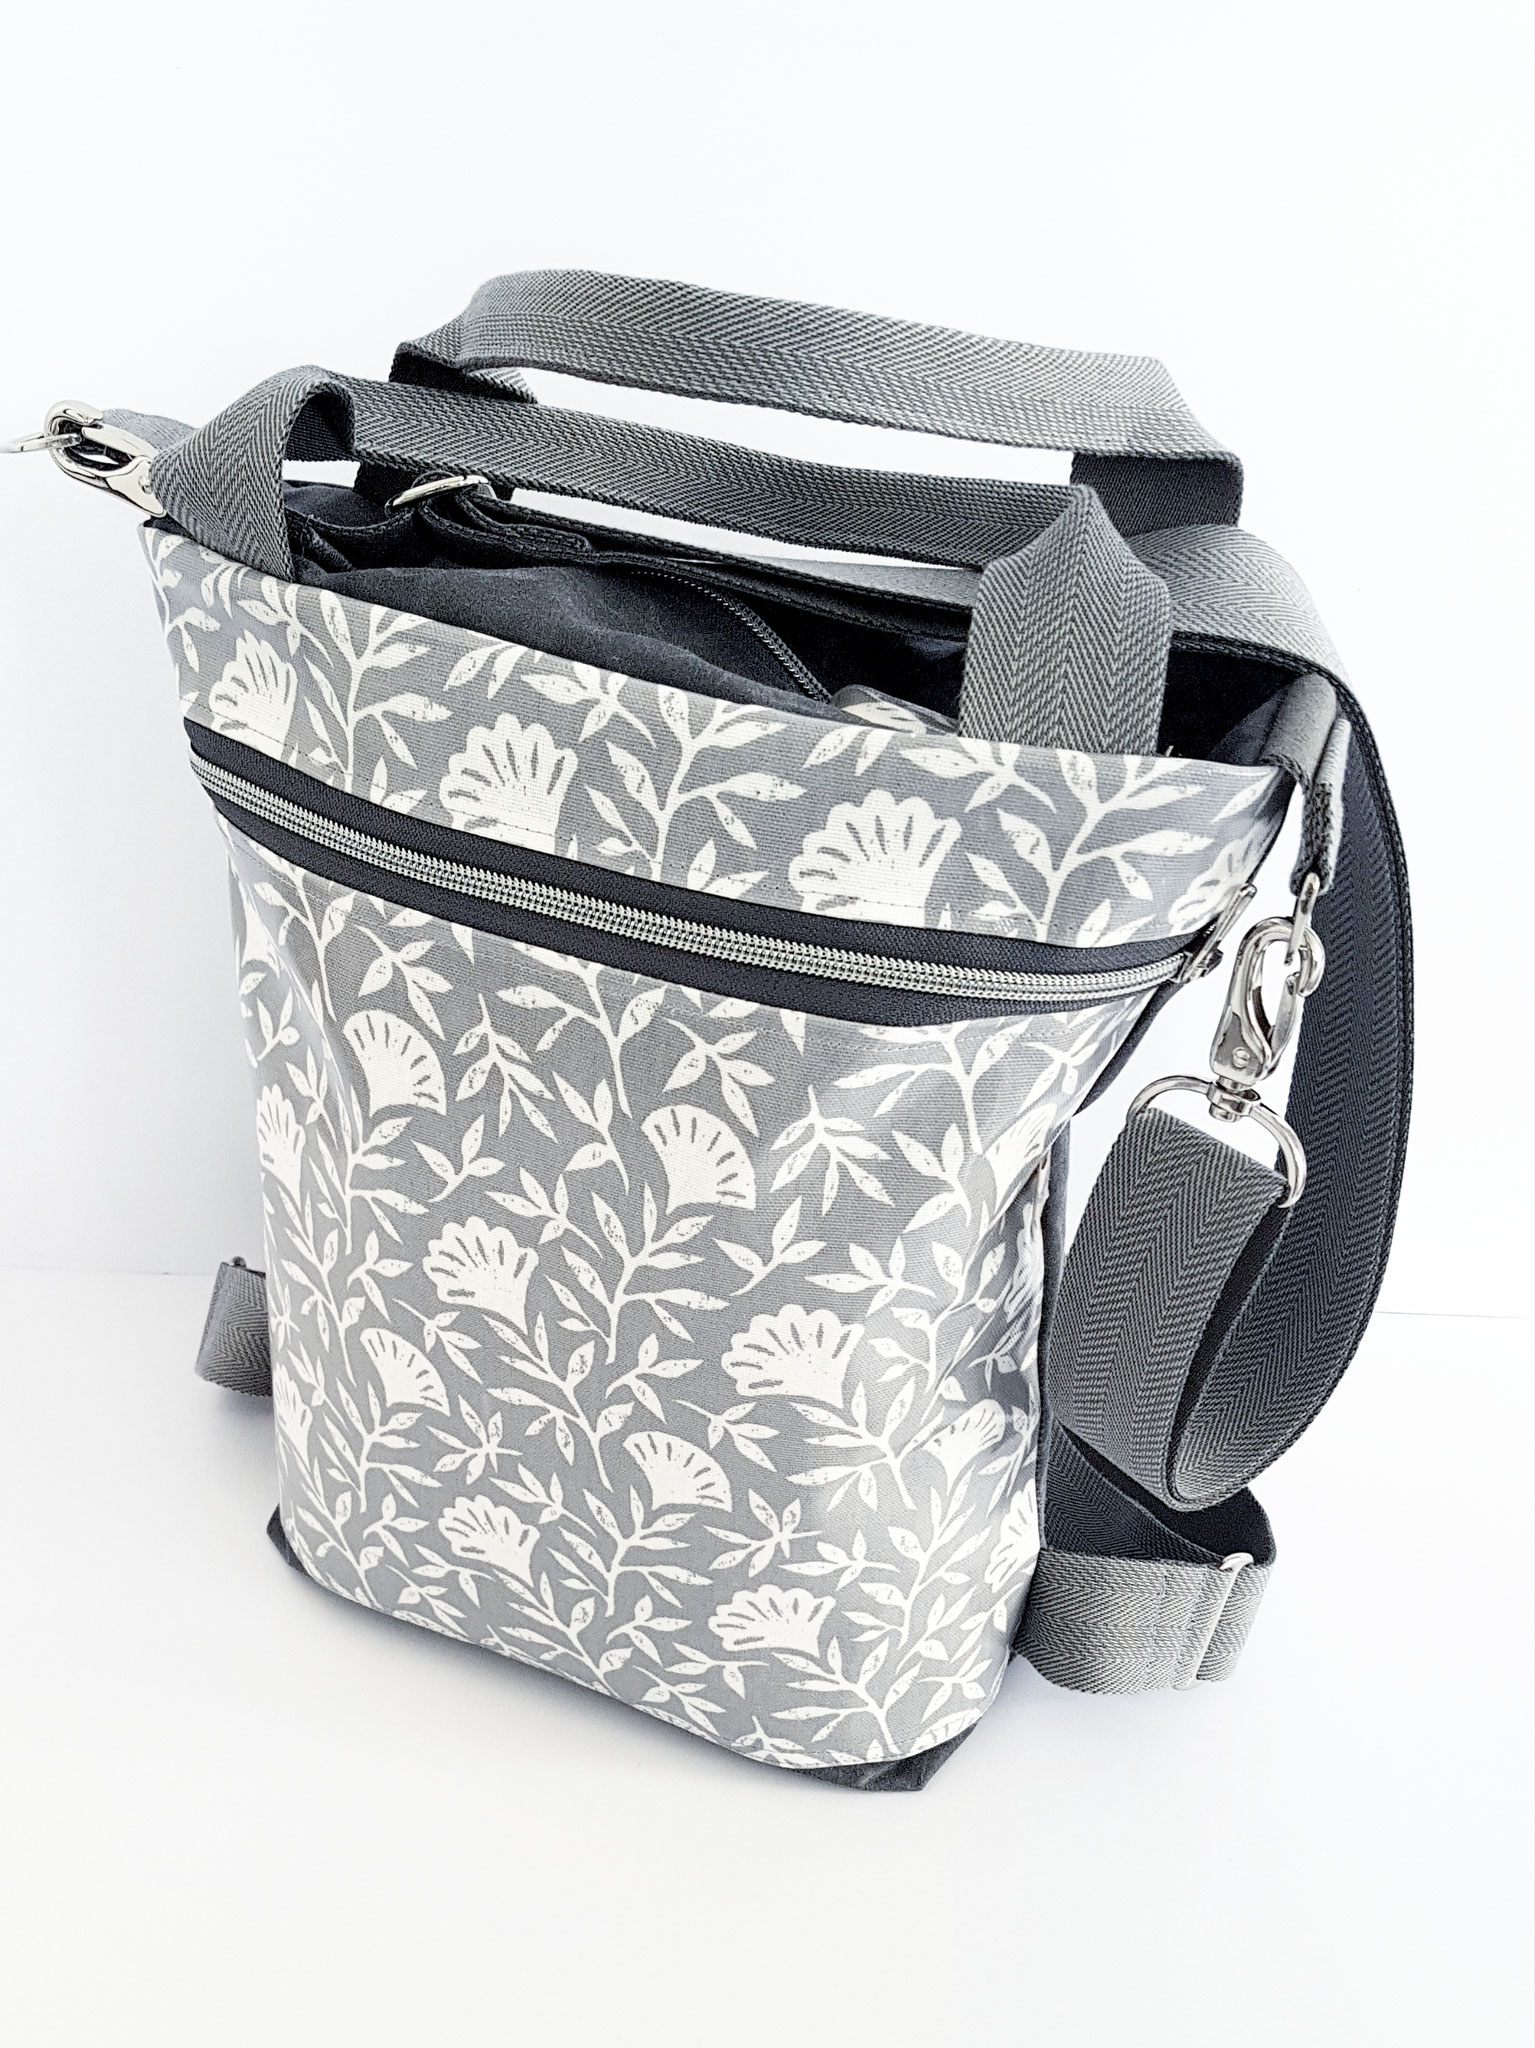 3in1 Bag M, Oilskin grau, verkauft